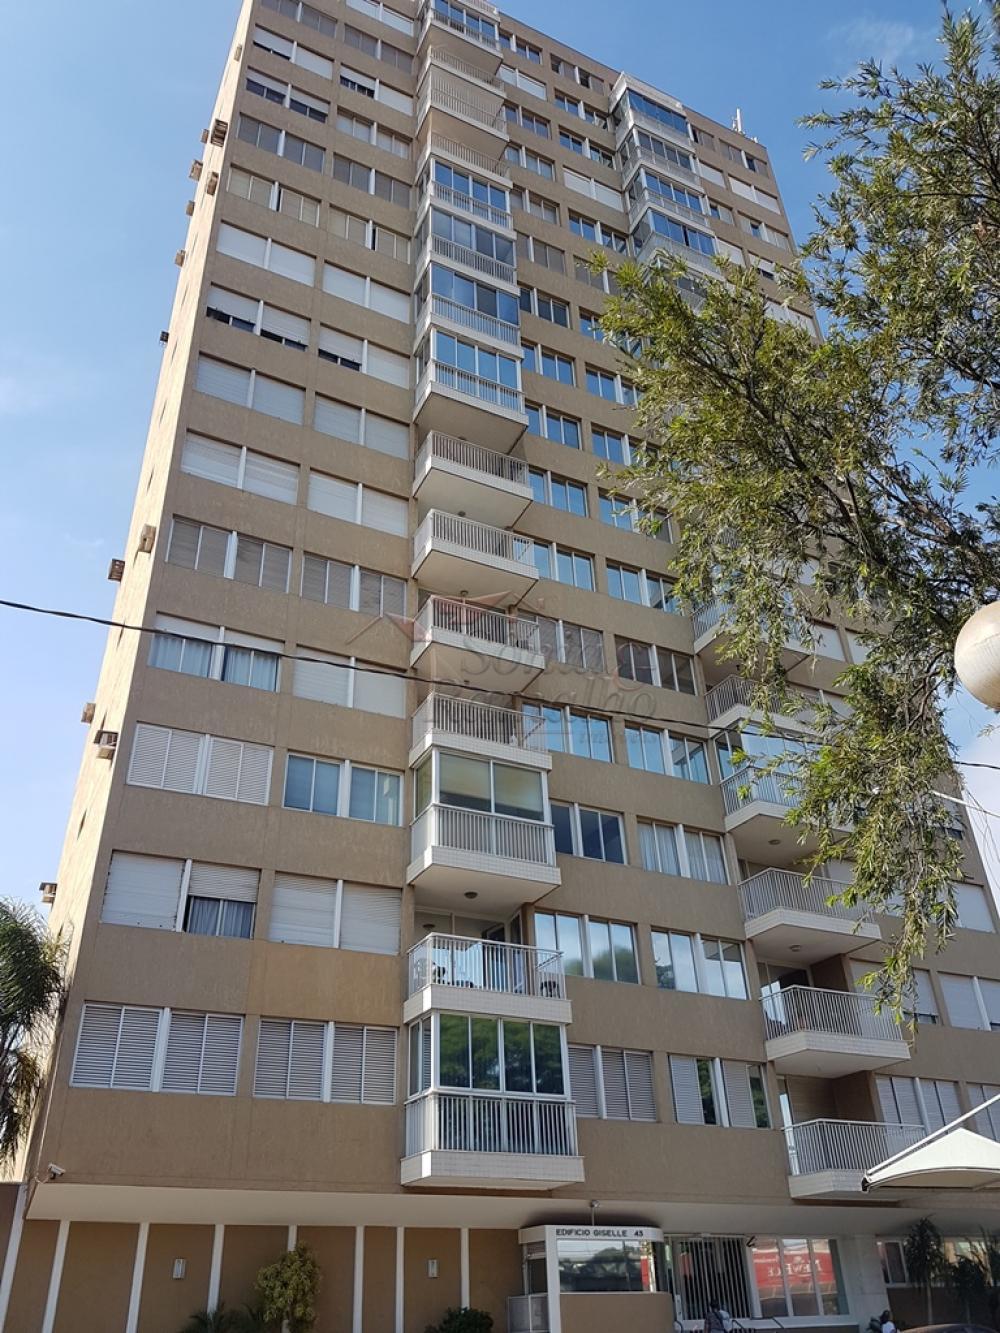 Comprar Apartamentos / Padrão em Ribeirão Preto apenas R$ 500.000,00 - Foto 3